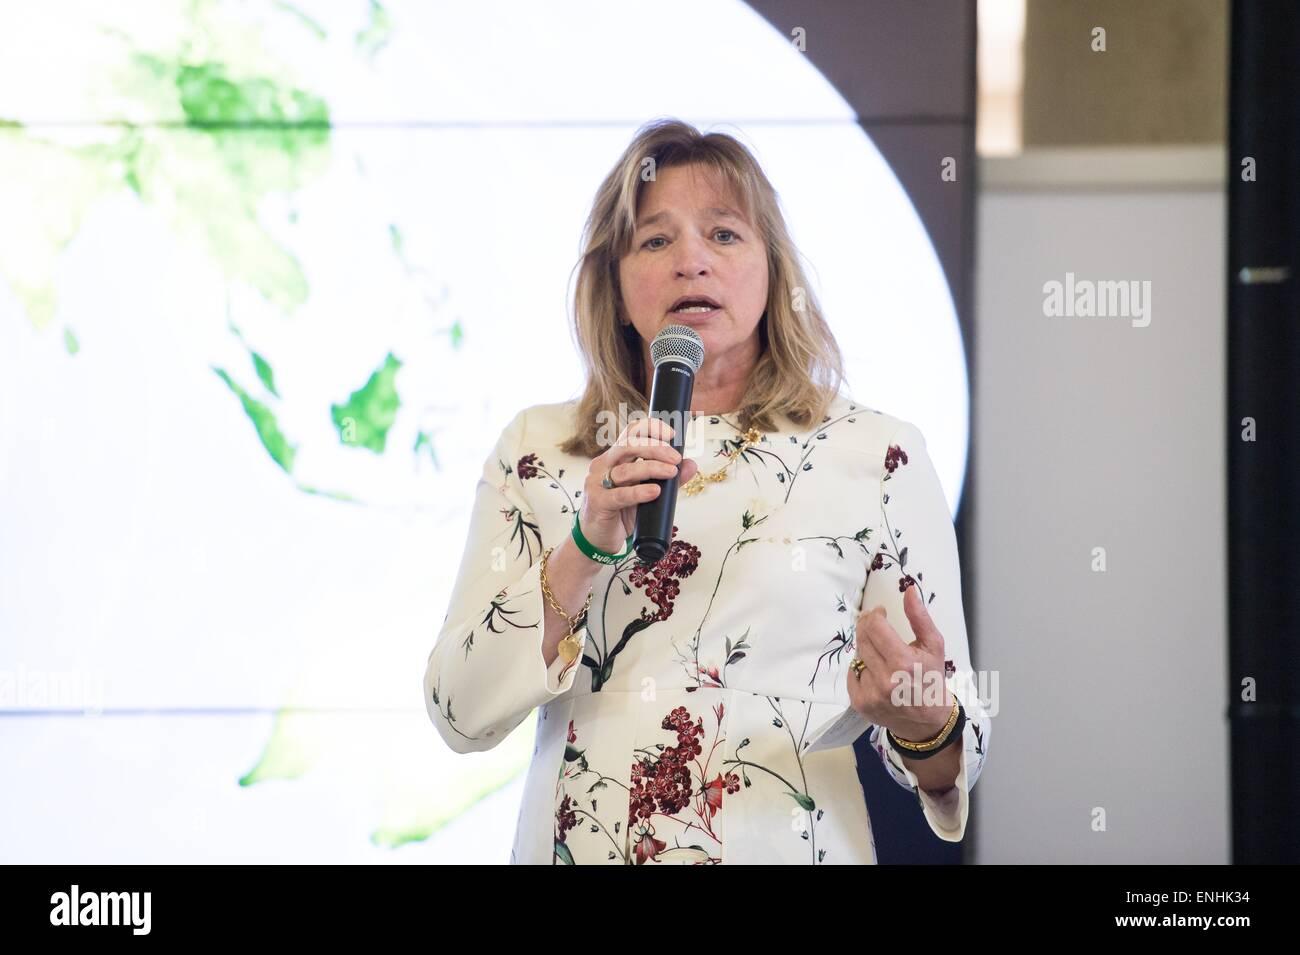 Le Dr Ellen Stofan, expert scientifique en chef, à la NASA parle lors d'un événement le jour Photo Stock